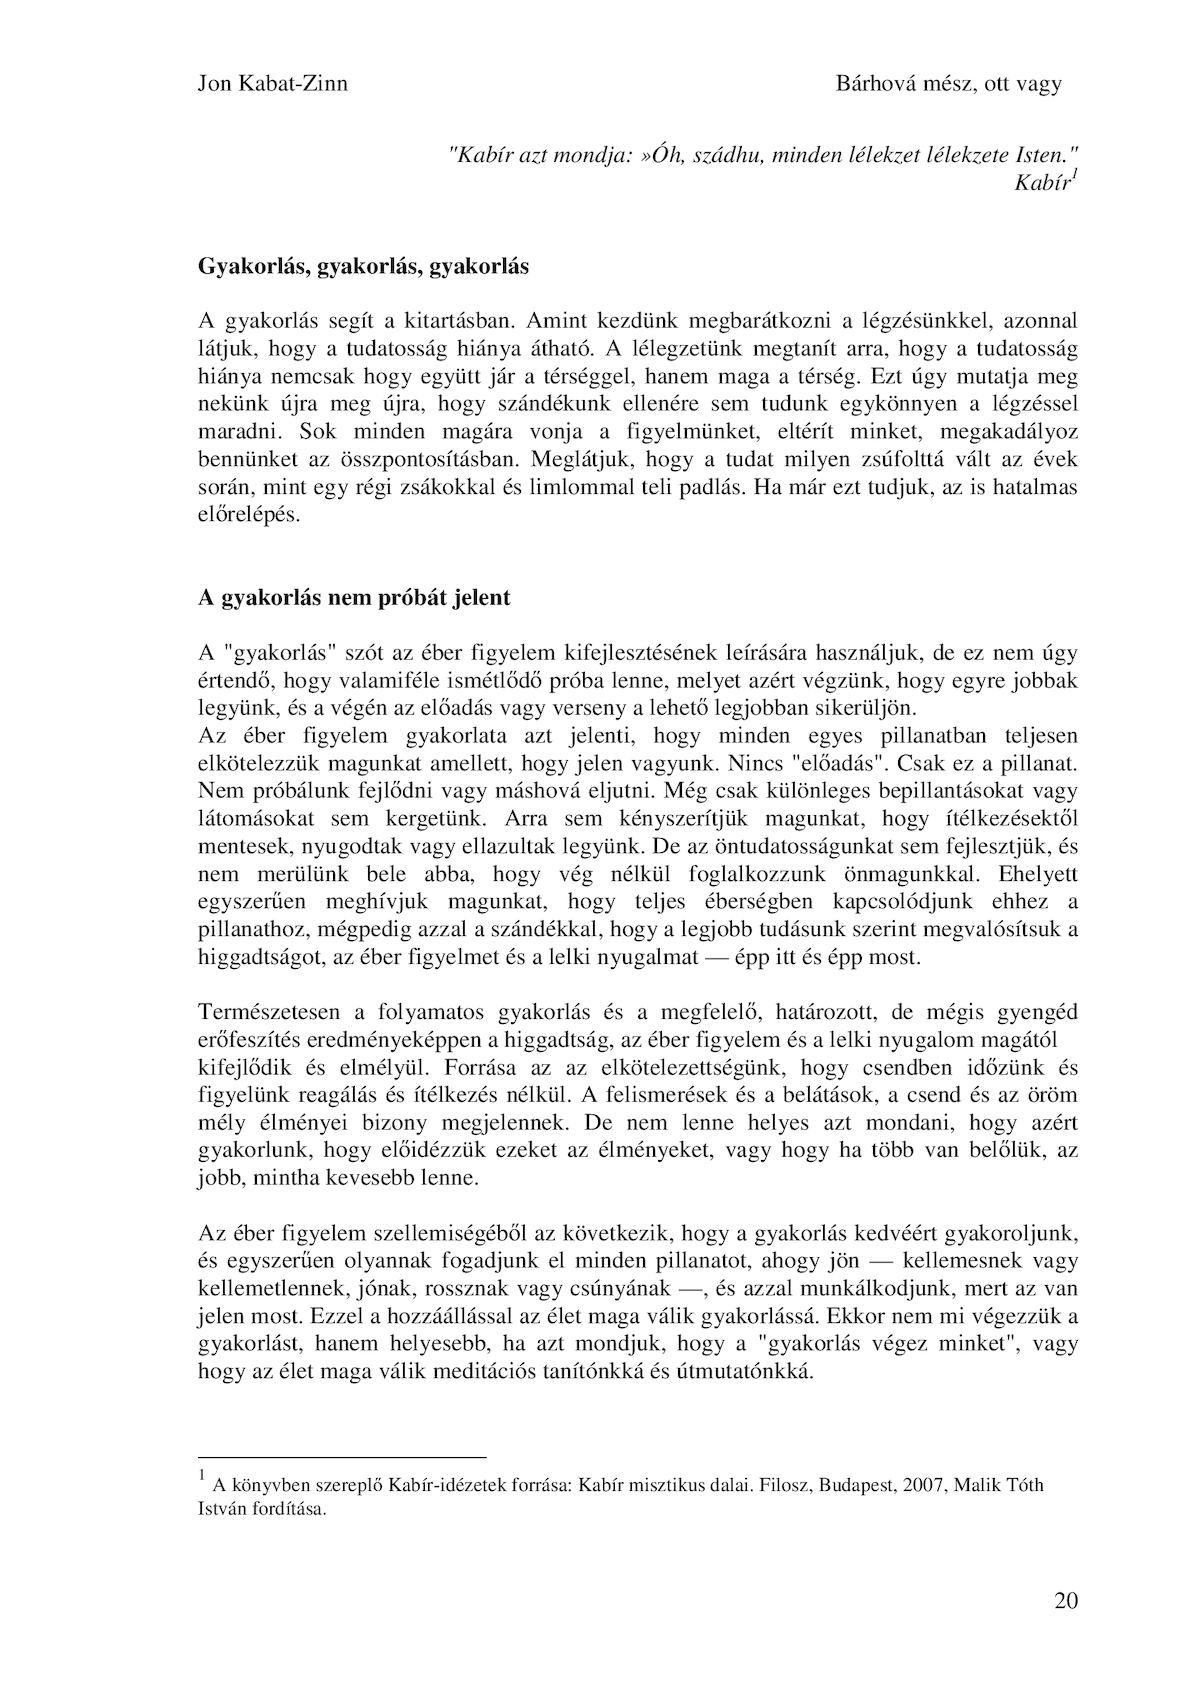 KARINTHY FRIGYES: IDOMÍTOTT VILÁG I.